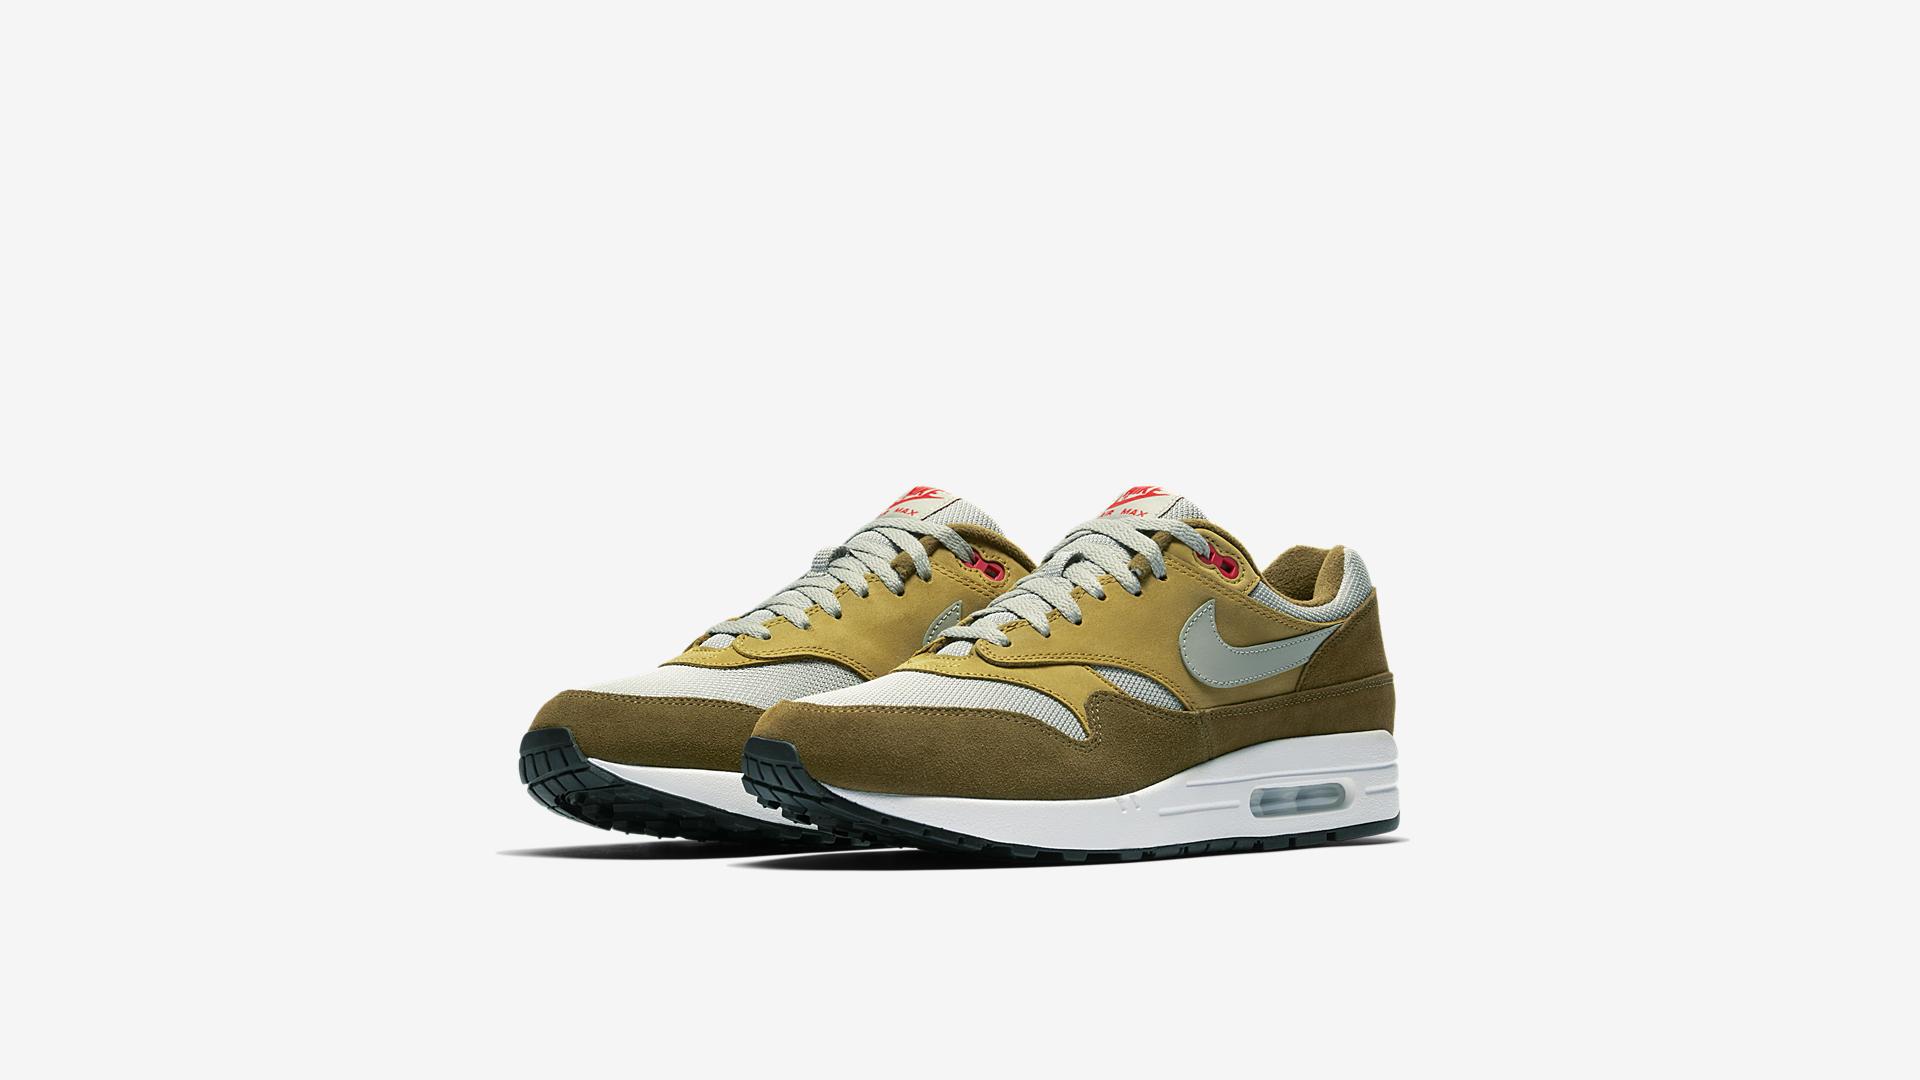 908366 300 Nike Air Max 1 Green Curry 4